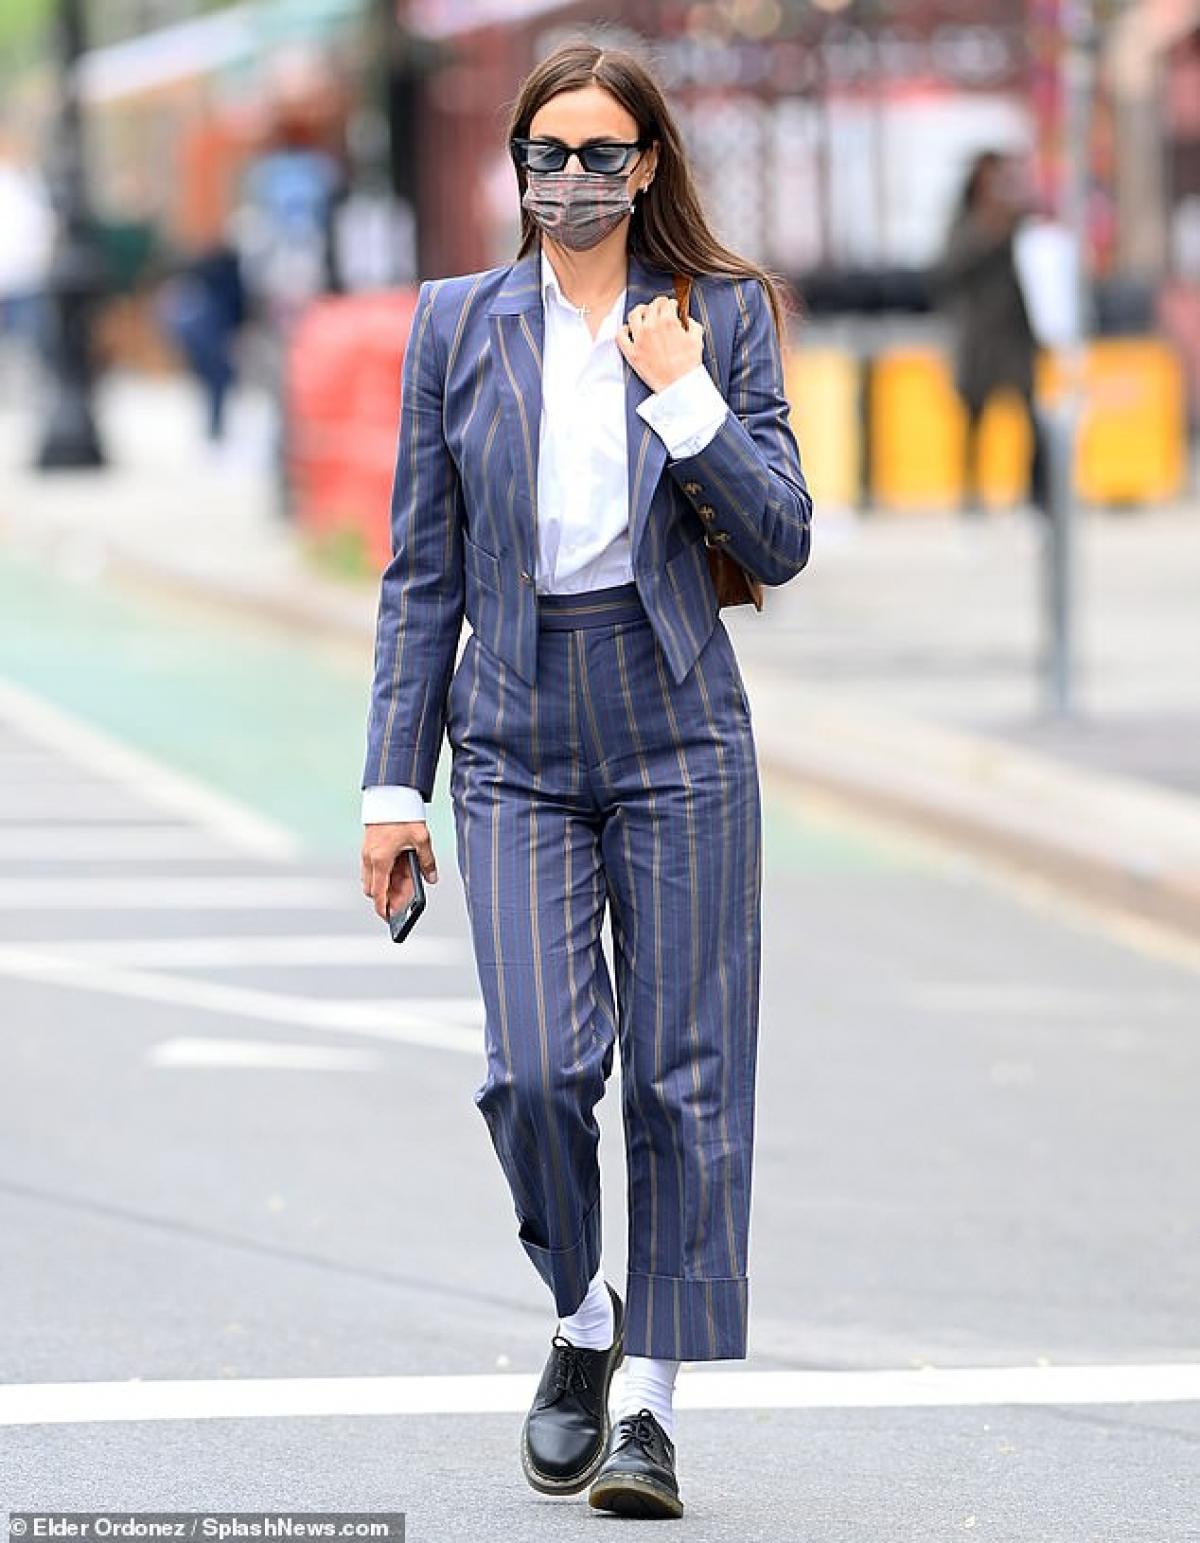 Người đẹp buông tóc xõa, đeo khẩu trang cẩn thận ra phố trong thời điểm dịch bệnh.